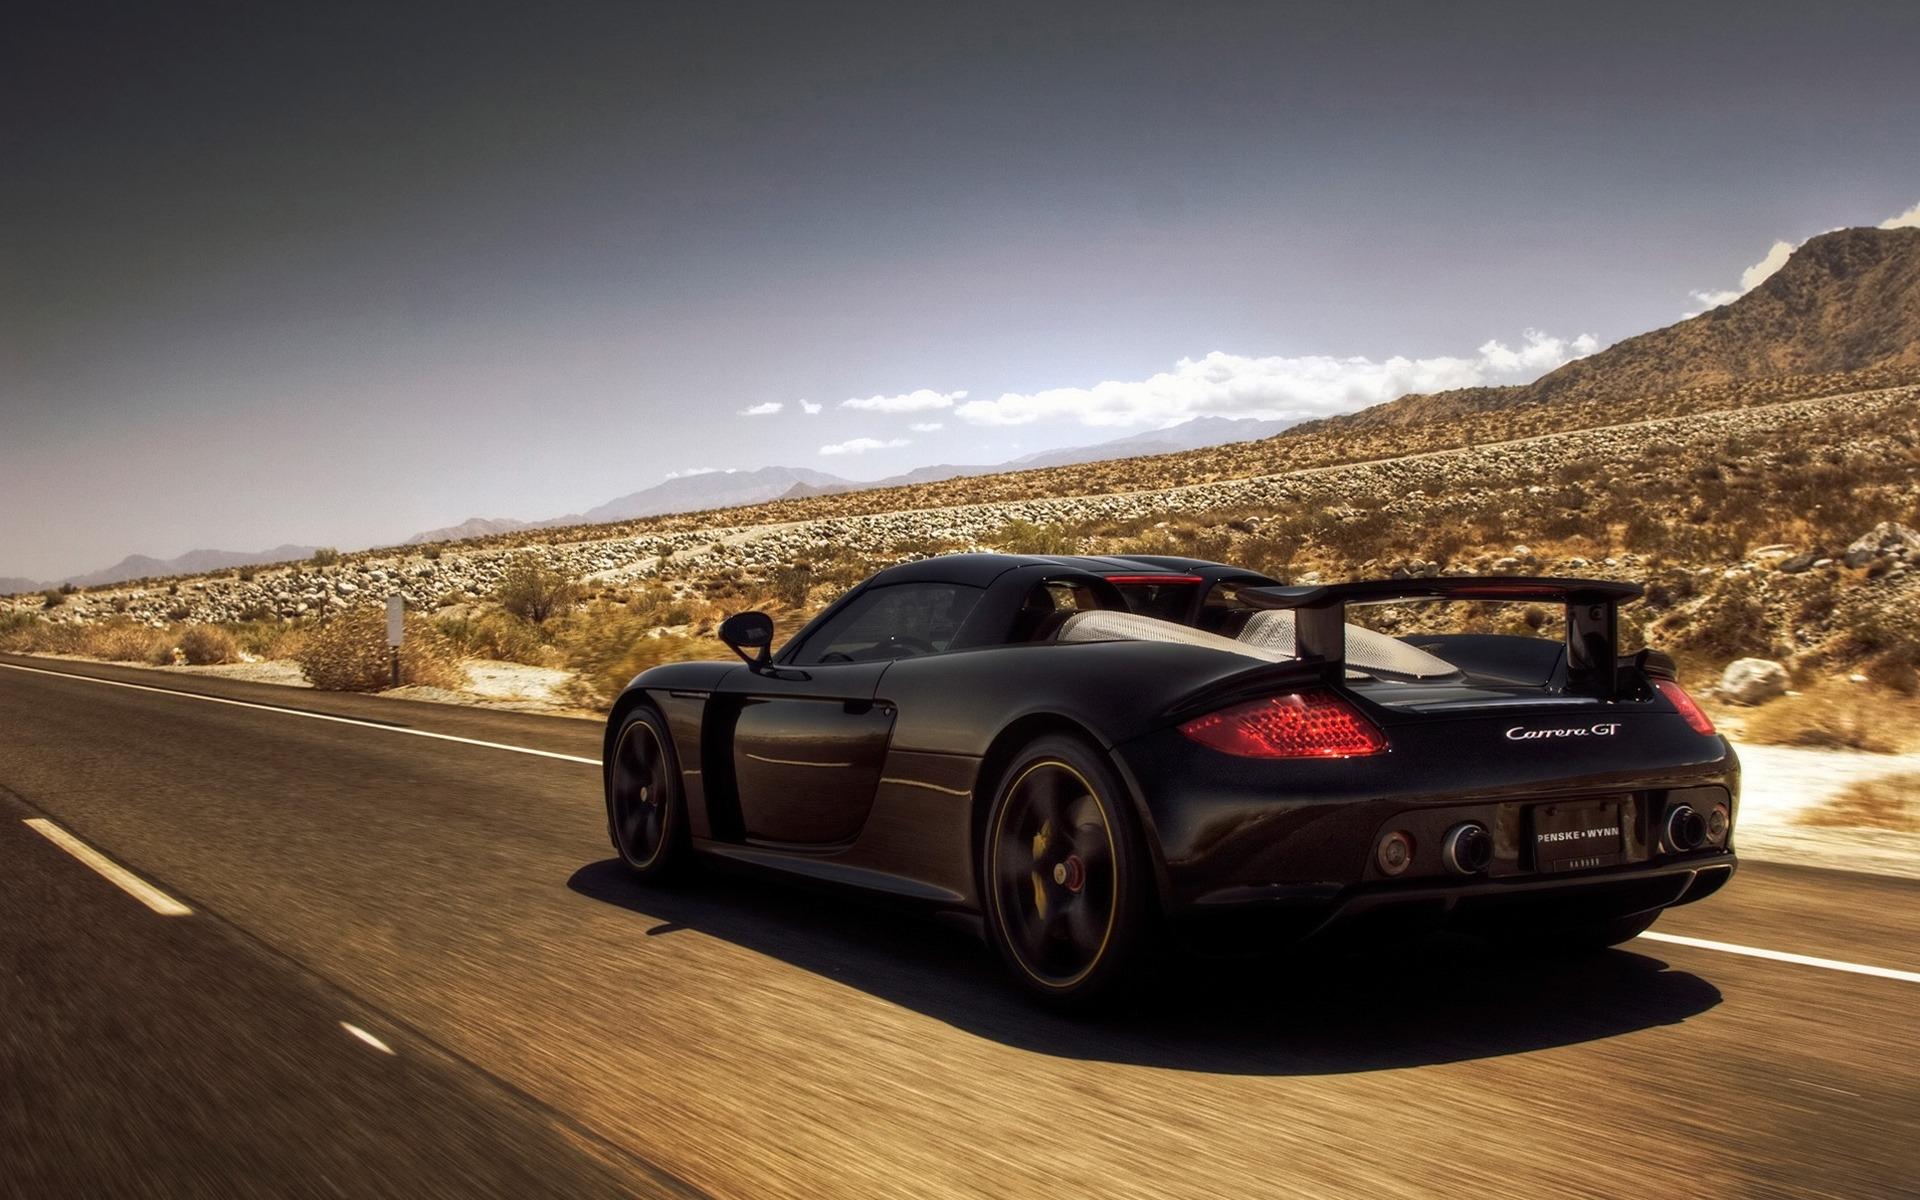 44057 скачать обои Транспорт, Пейзаж, Машины, Порш (Porsche) - заставки и картинки бесплатно